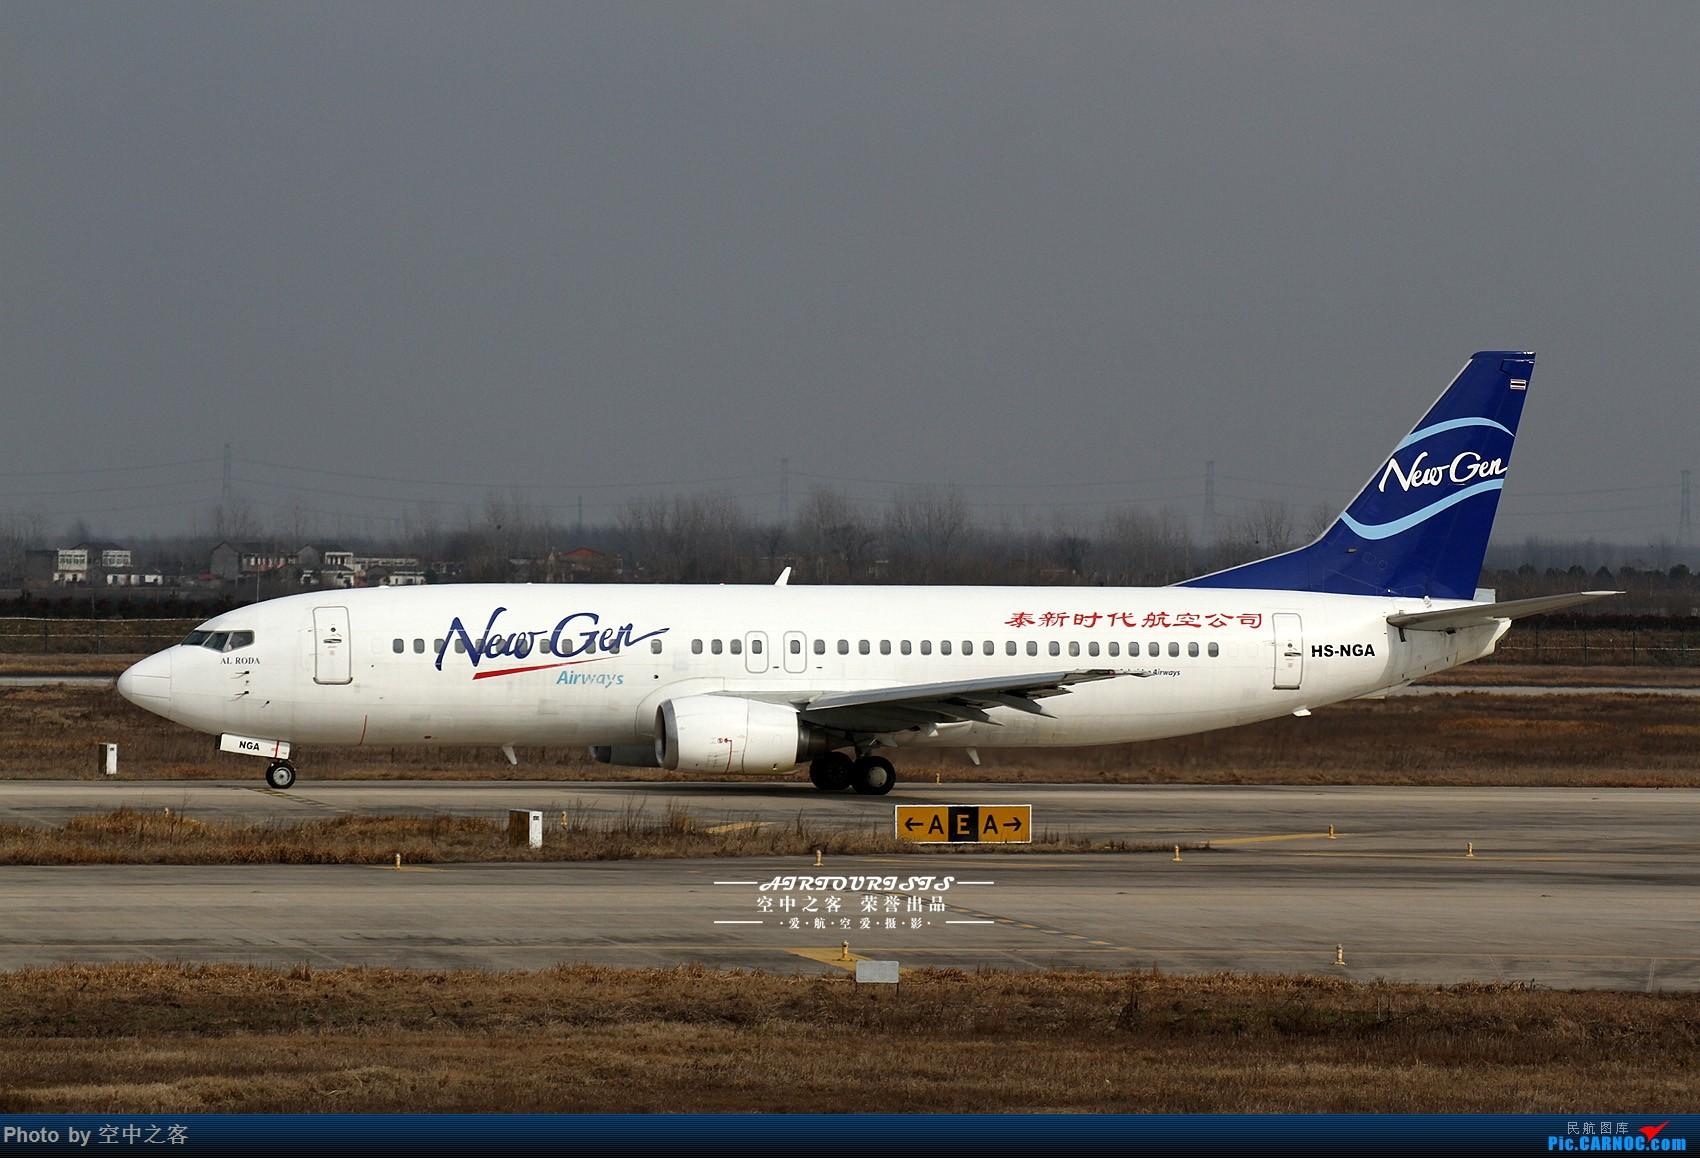 Re:[原创][合肥飞友会·霸都打机队·空中之客出品]有一只狮子有一只蒙牛...魔头大佬亲临新机场 BOEING 737-400 HS-NGA 合肥新桥国际机场